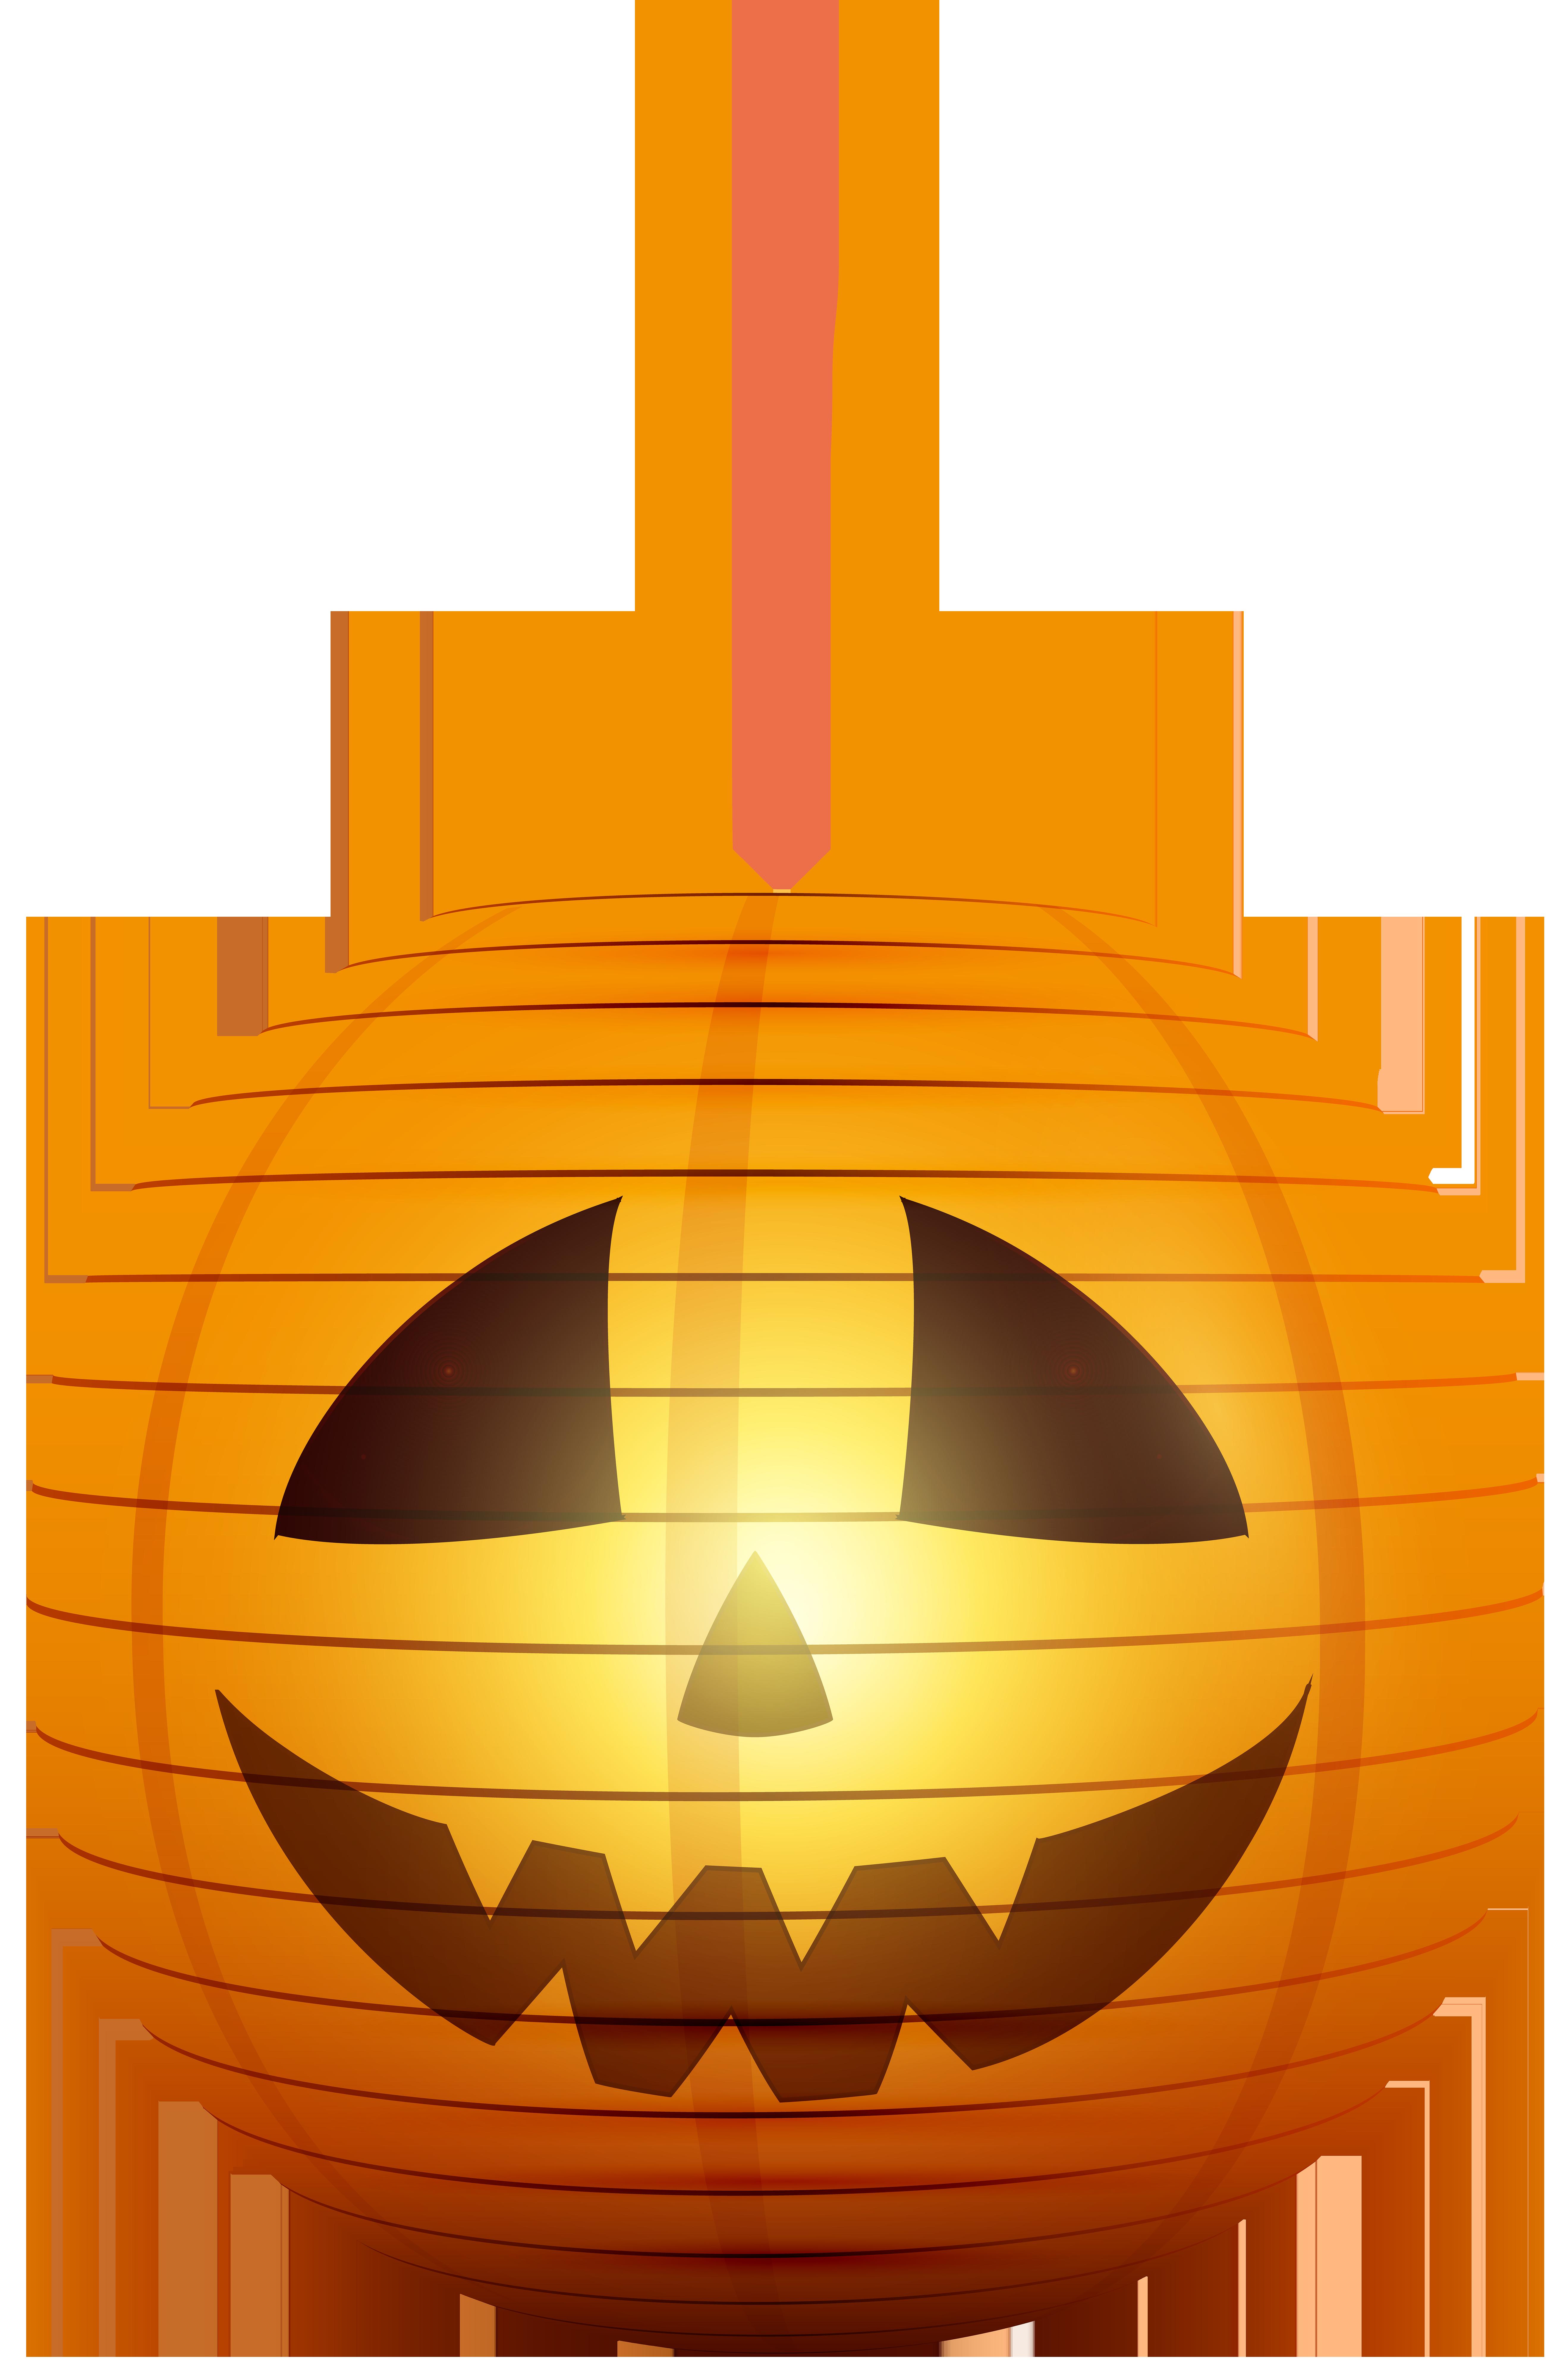 Pumpkin patch clipart transparent jpg transparent library Halloween Pumpkin Lantern PNG Transparent Clip Art Image | Gallery ... jpg transparent library